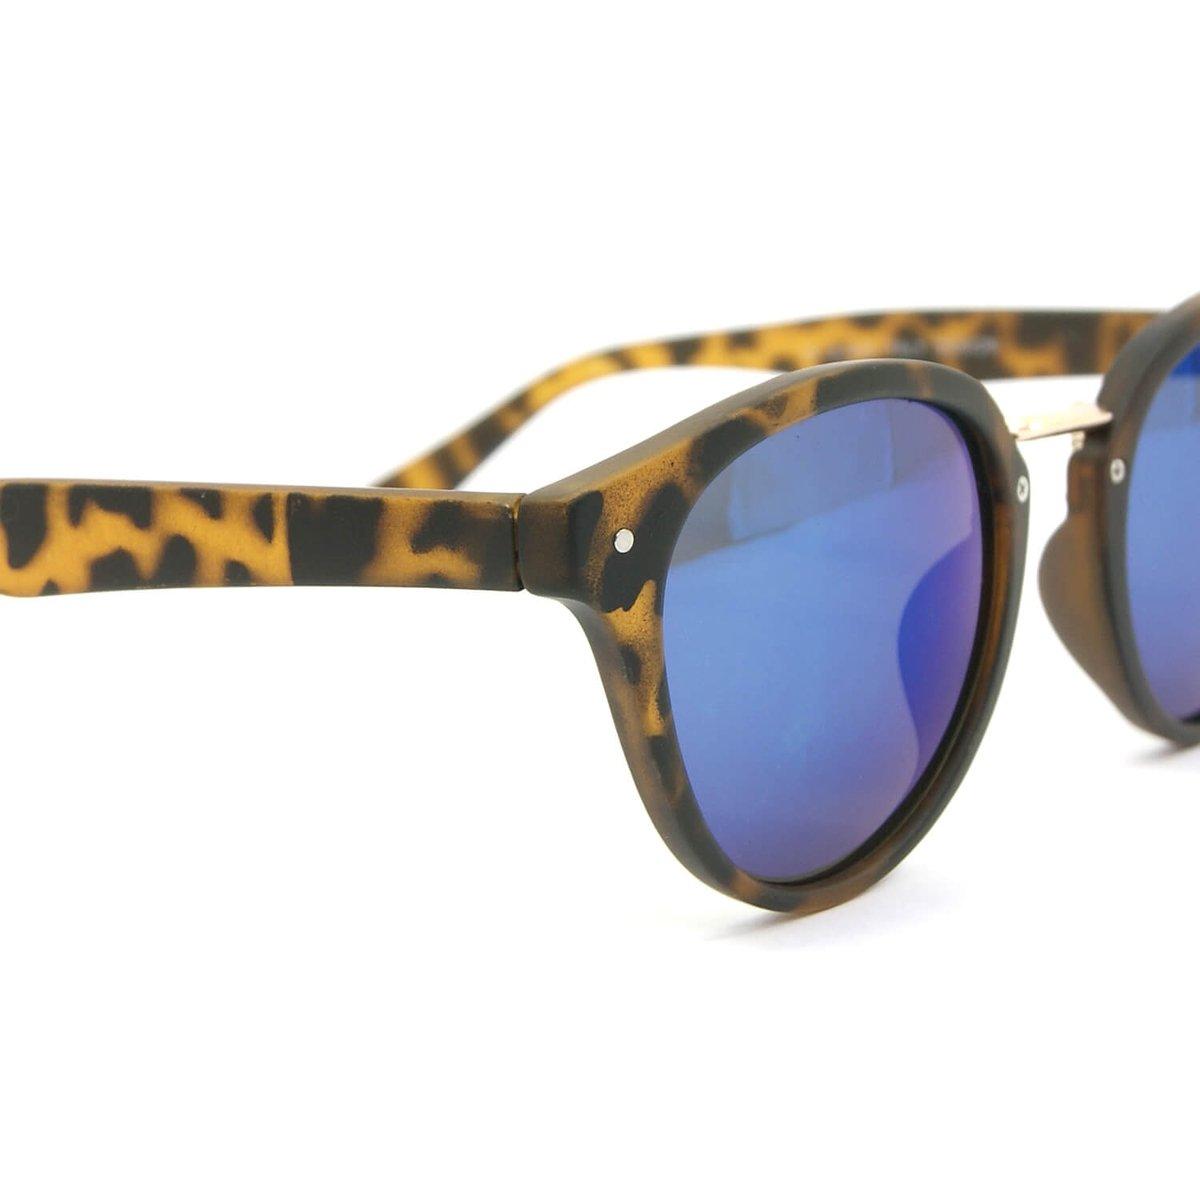 Óculos Oncinha com Lente Espelhada Azul - Marrom - Compre Agora ... 0a07690f74